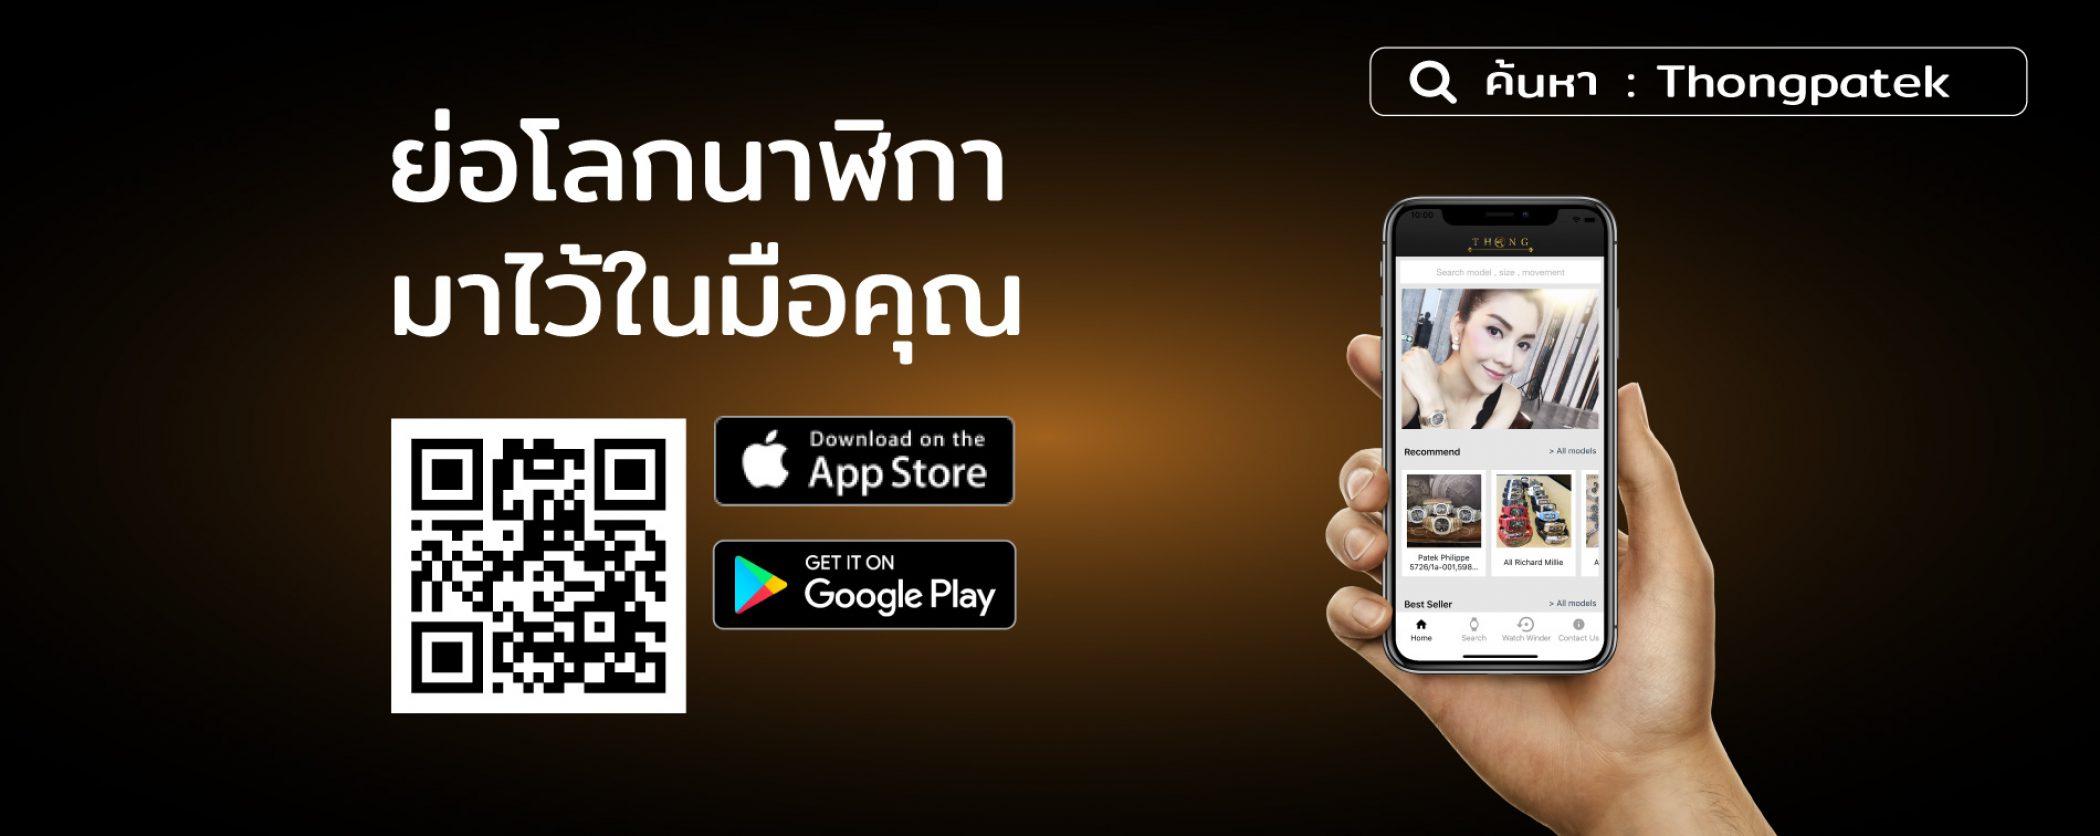 thong-mobile-app-banner-for-desktop-2